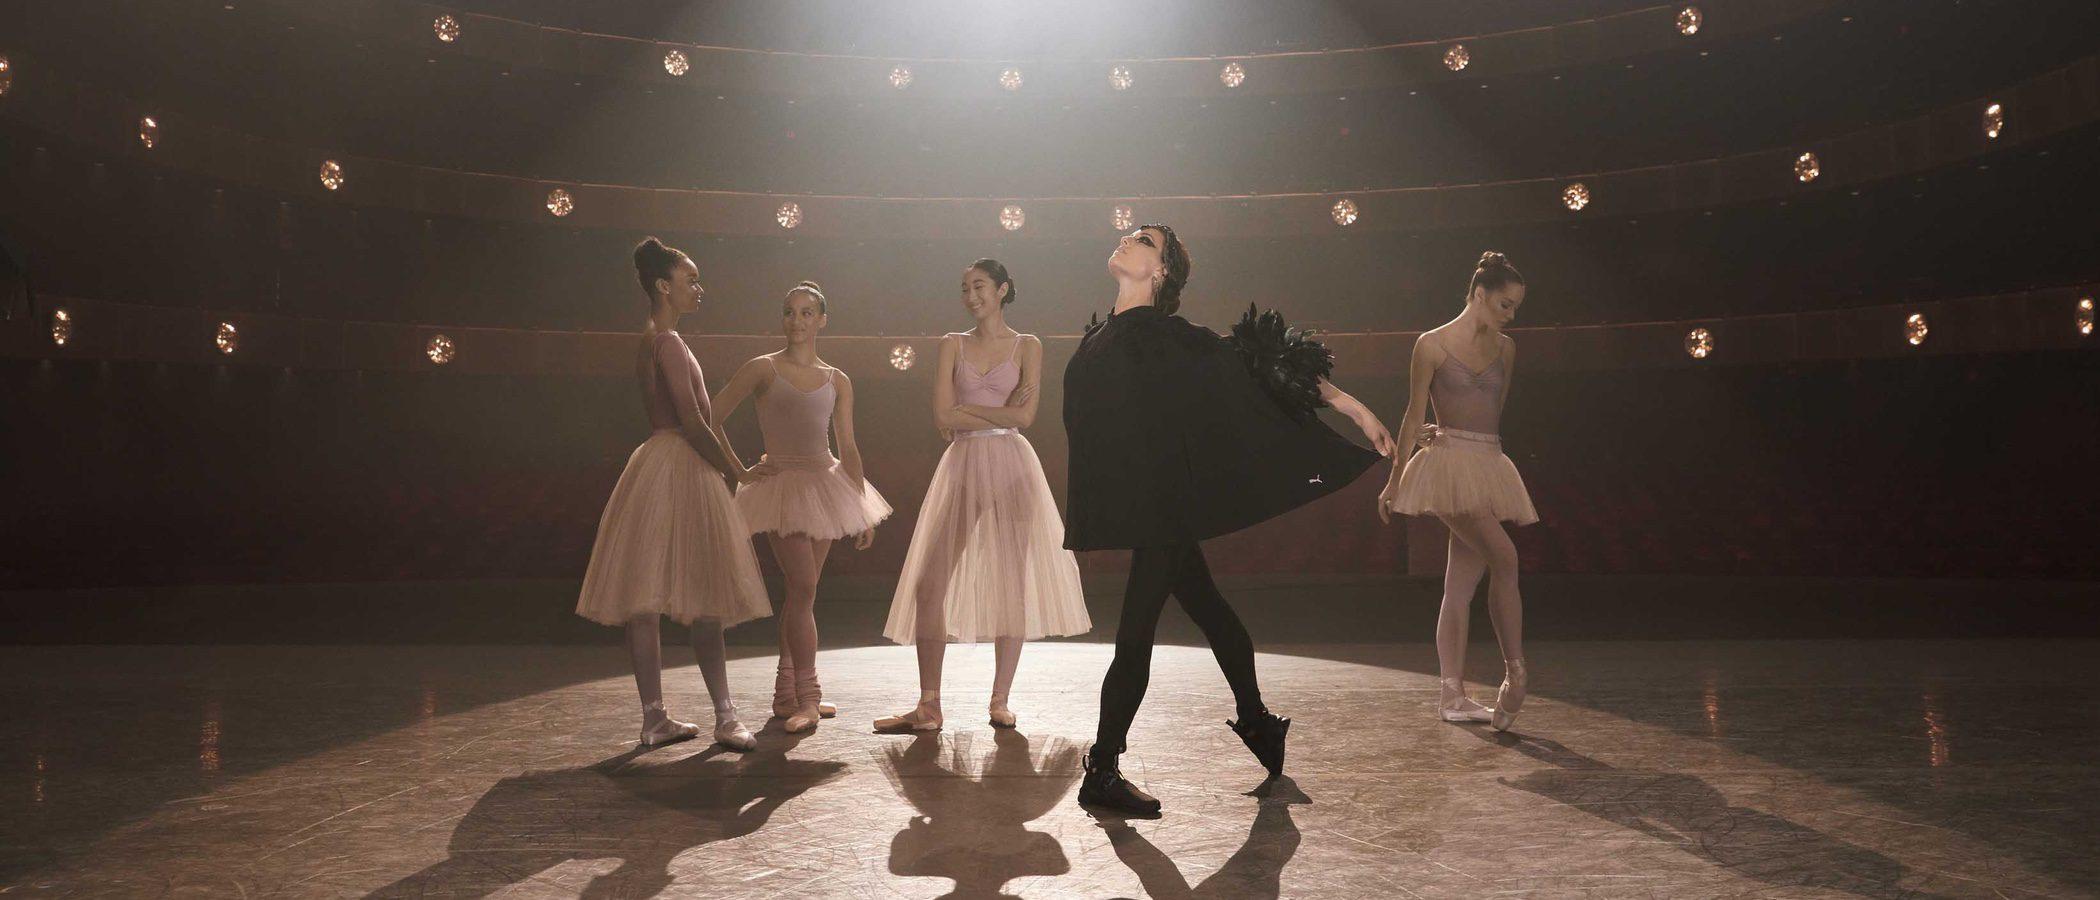 Kylie Jenner repite con Puma en primavera/verano 2017 con la colaboración del New York City Ballet